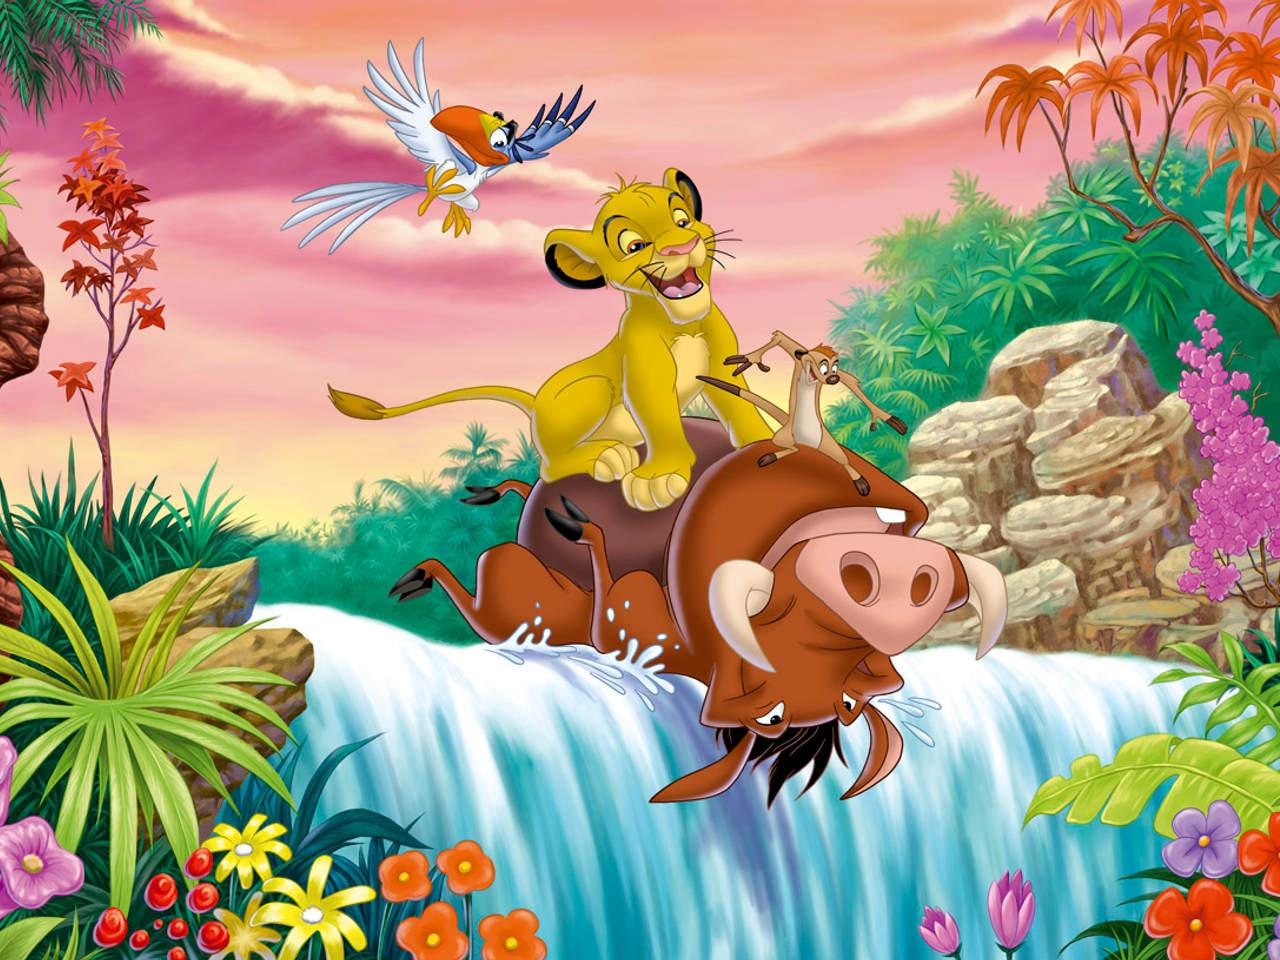 The Lion King Wallpaper Disney Desktop Wallpaper 1280x960